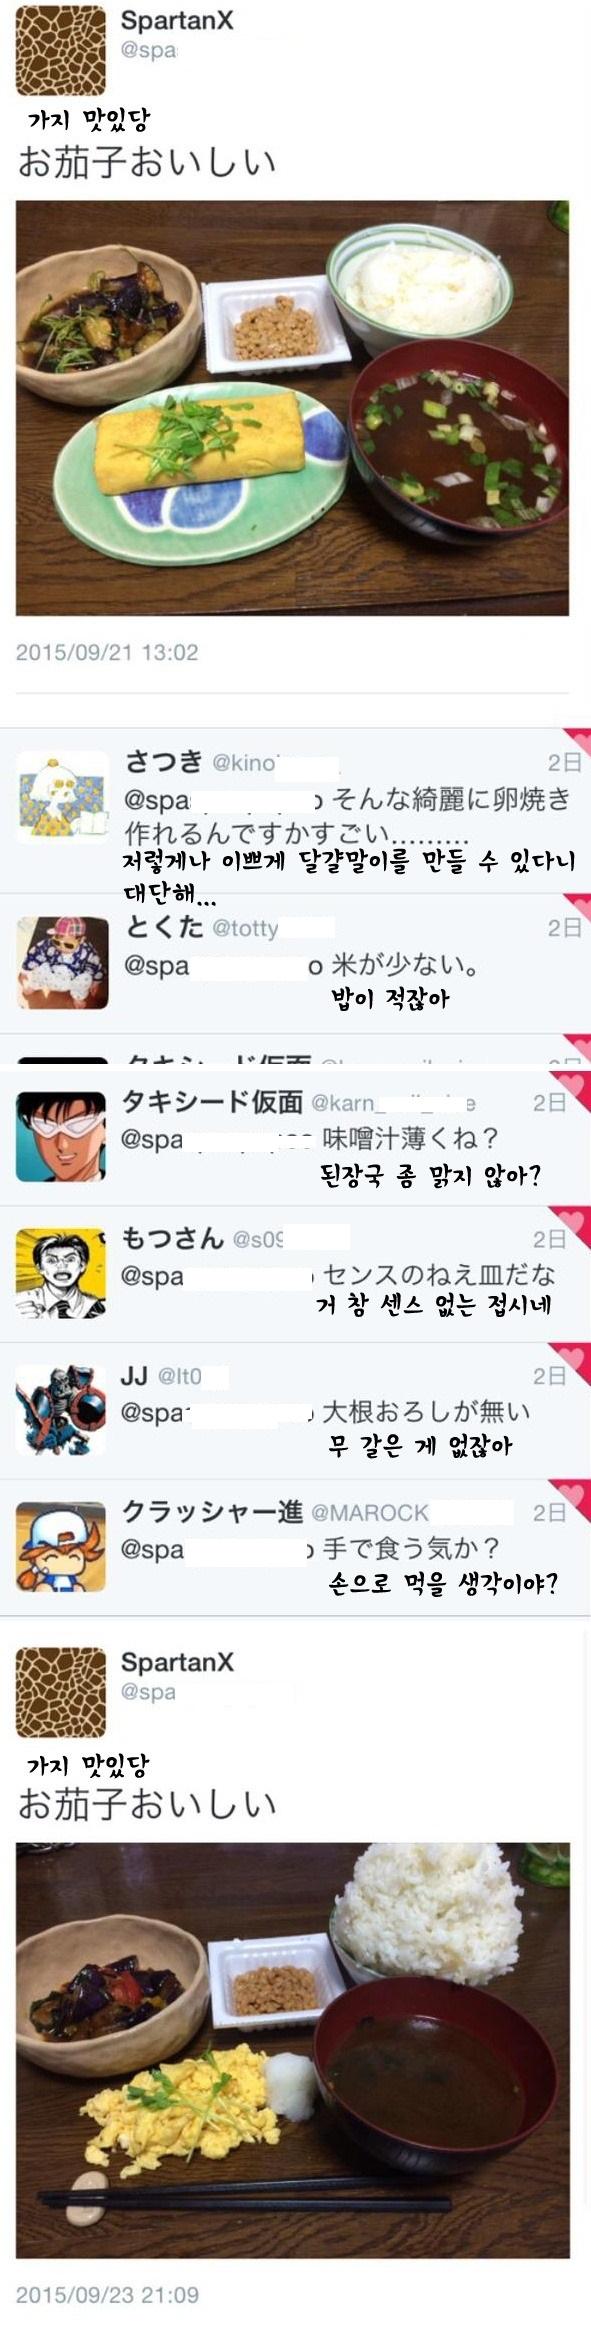 피드백을 잘해주는 일본